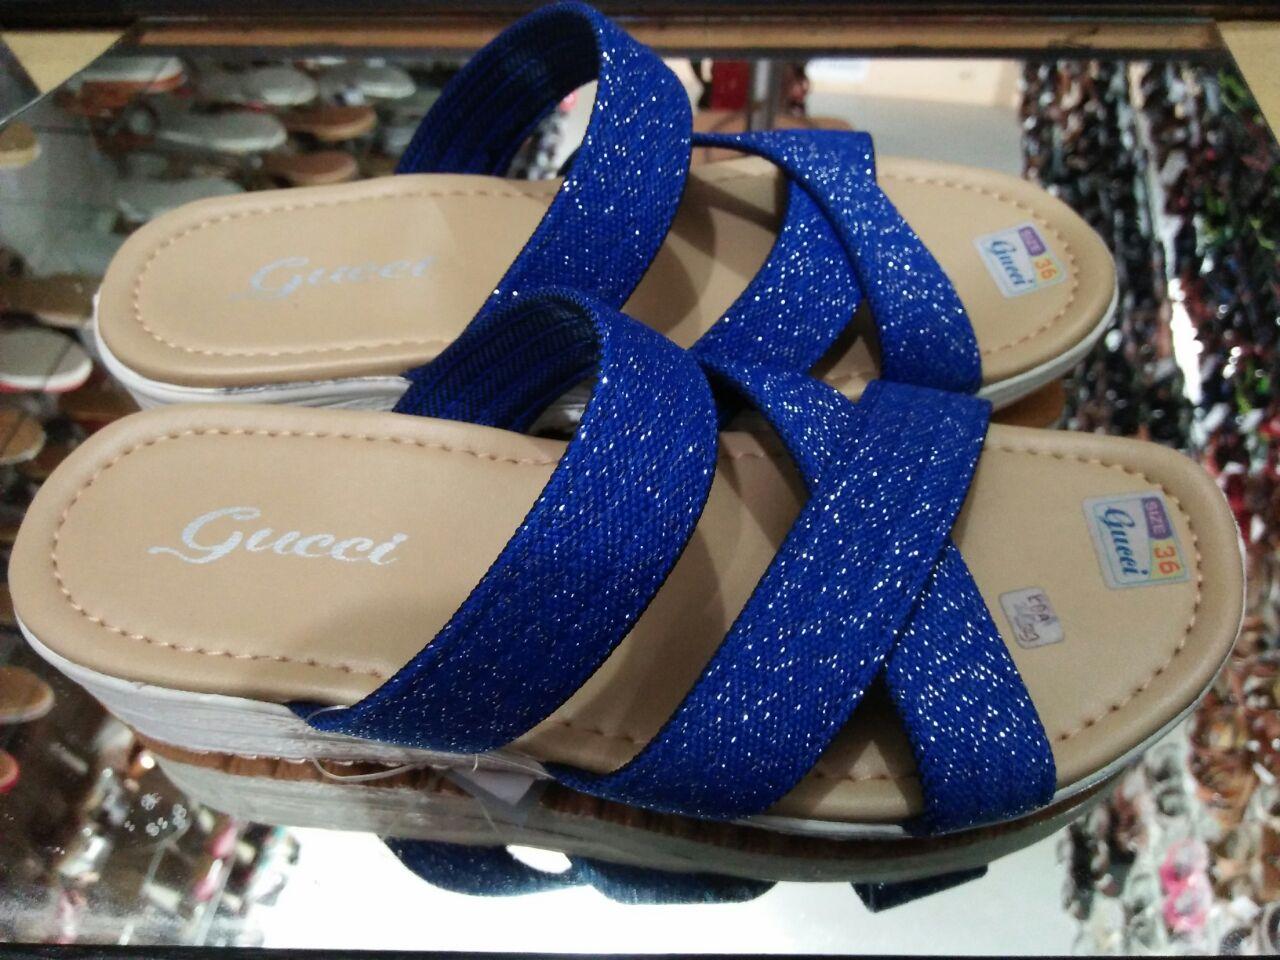 kami tawarkan lebih murah dari harga pasaran hanya Rp. 50.000 di toko kami  AZZA sandal dan sepatu iki fatanah Jl. tirto utomo ruko 2f Landungsari  Malang. e00437f1a6